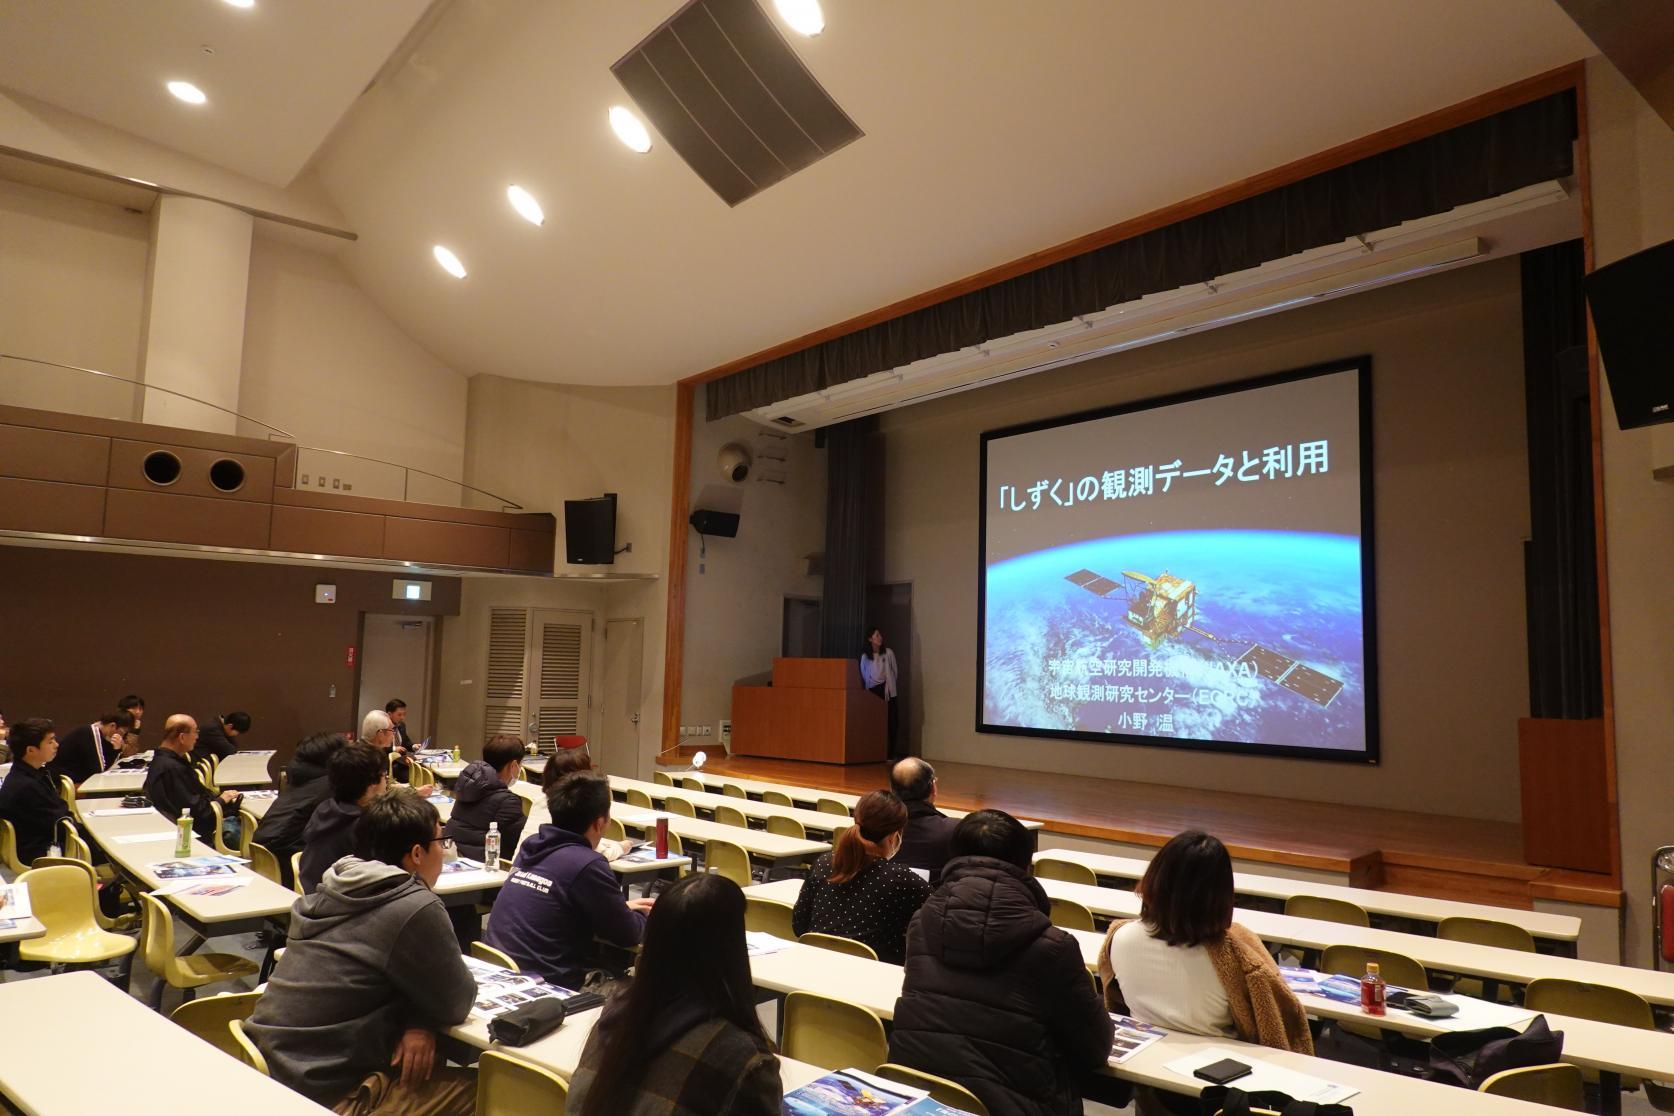 【開催報告】海洋建築工学科 第1回海洋建築セミナー「宇宙と深海から眺めた海」